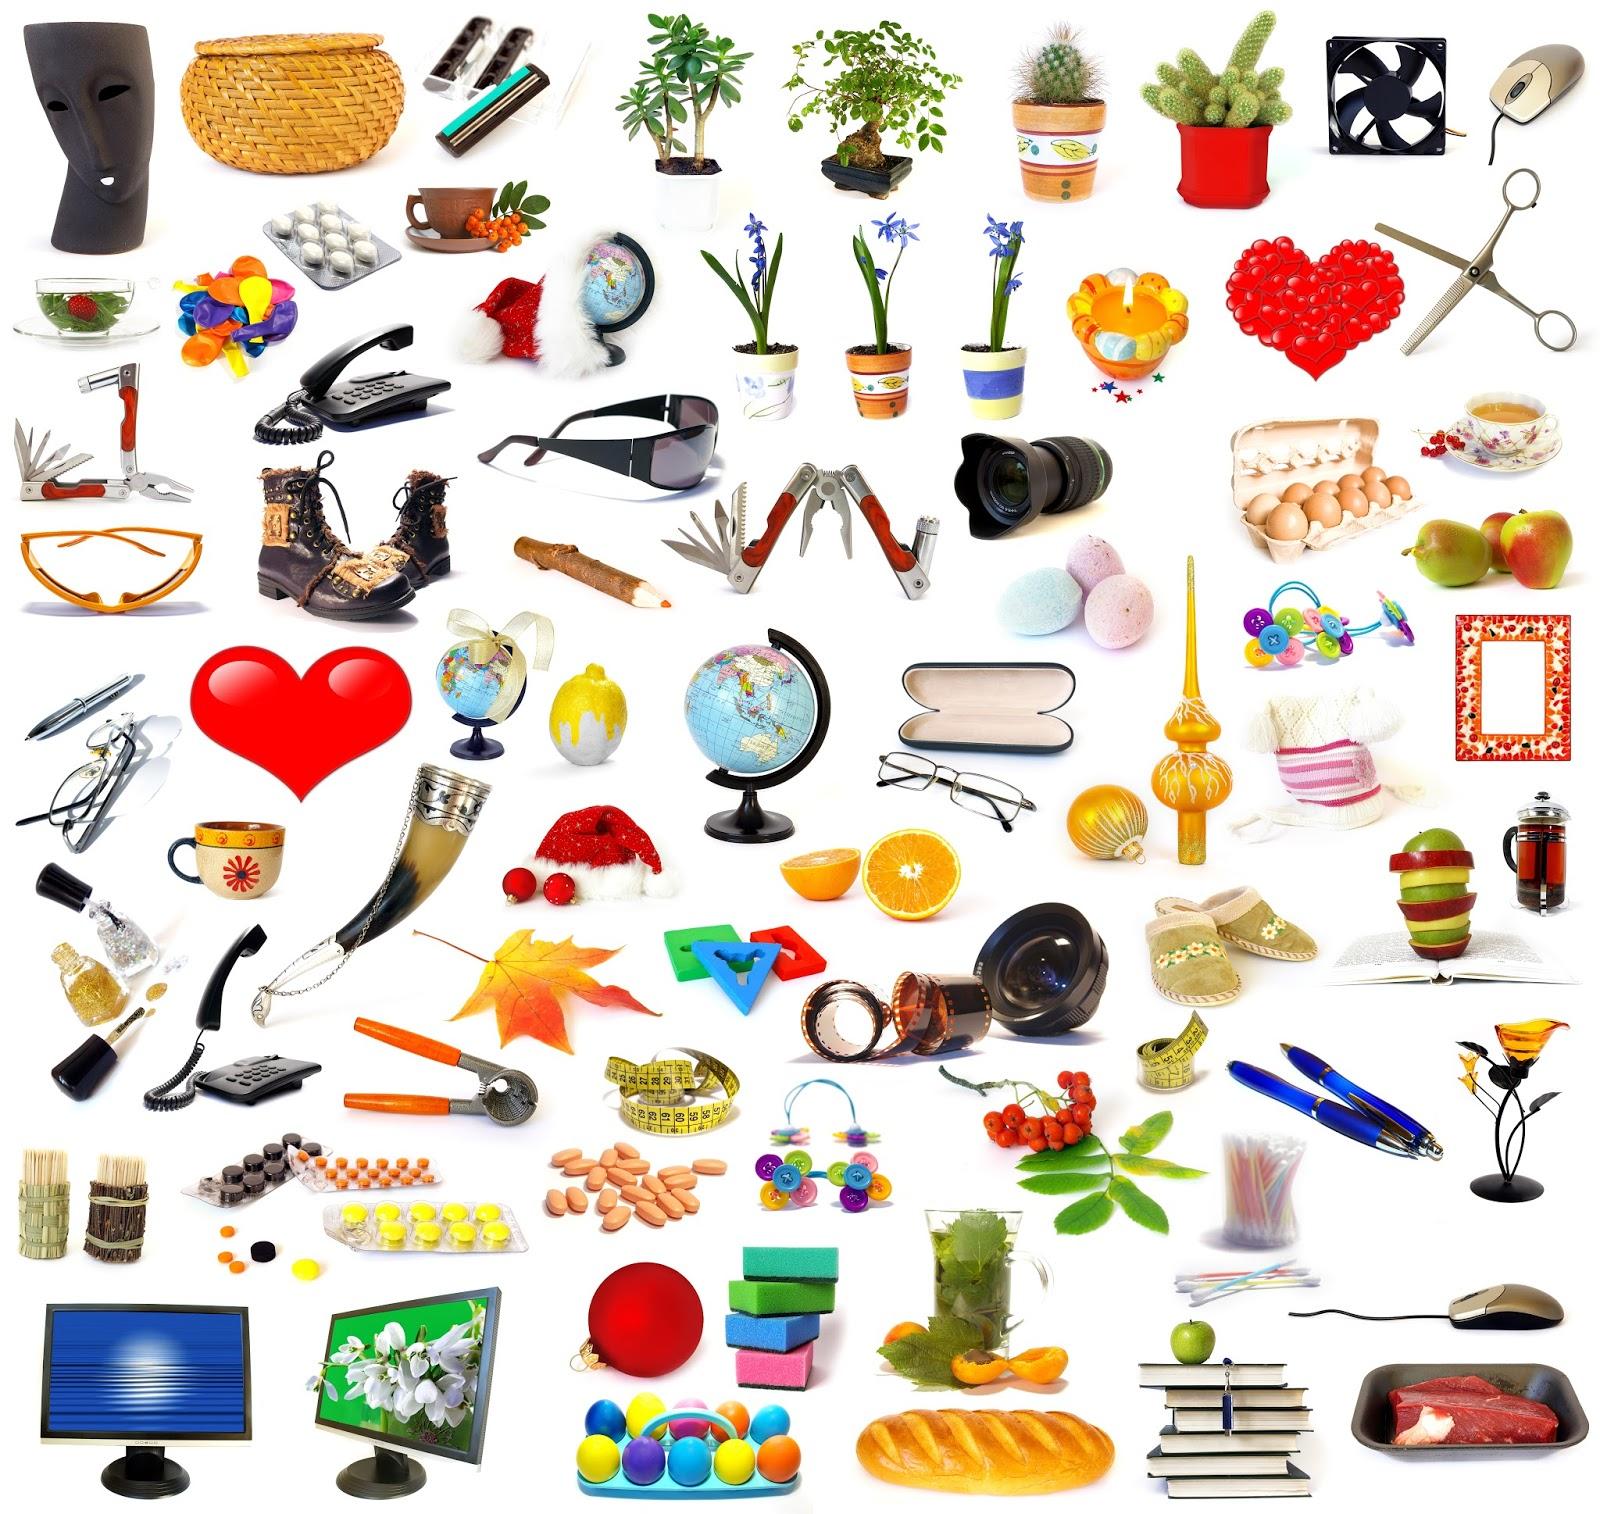 Banco de im genes 100 art culos de oficina cocina y trabajo cosas muy tiles - Articulos de oficina ...